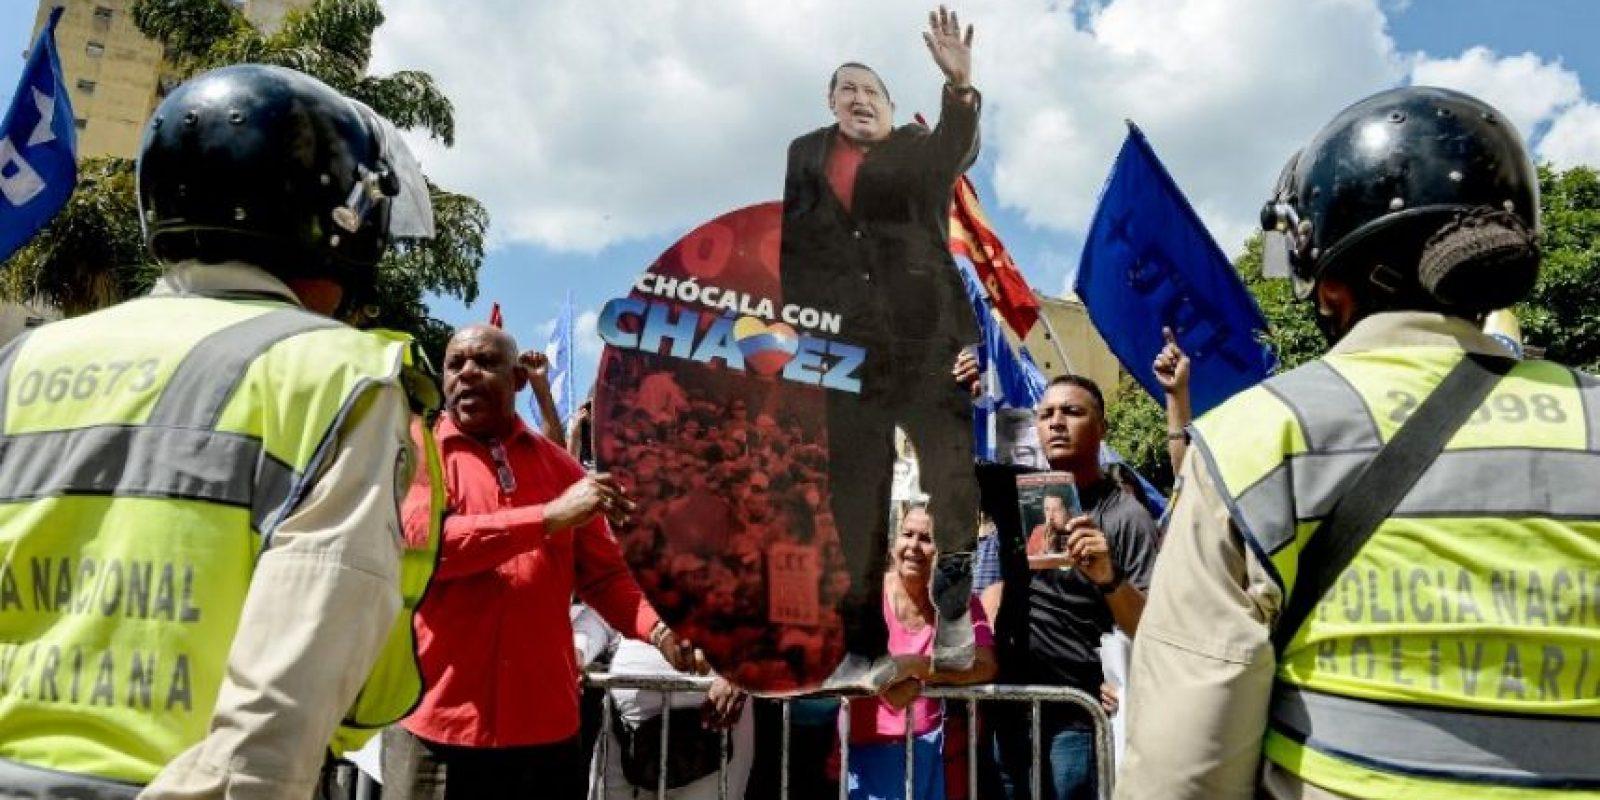 ¿Cuáles? Congelación de activos y prohibición de visados para funcionarios venezolanos que, supuestamente, fueron acusados de violación de derechos humanos. Foto:Getty Images